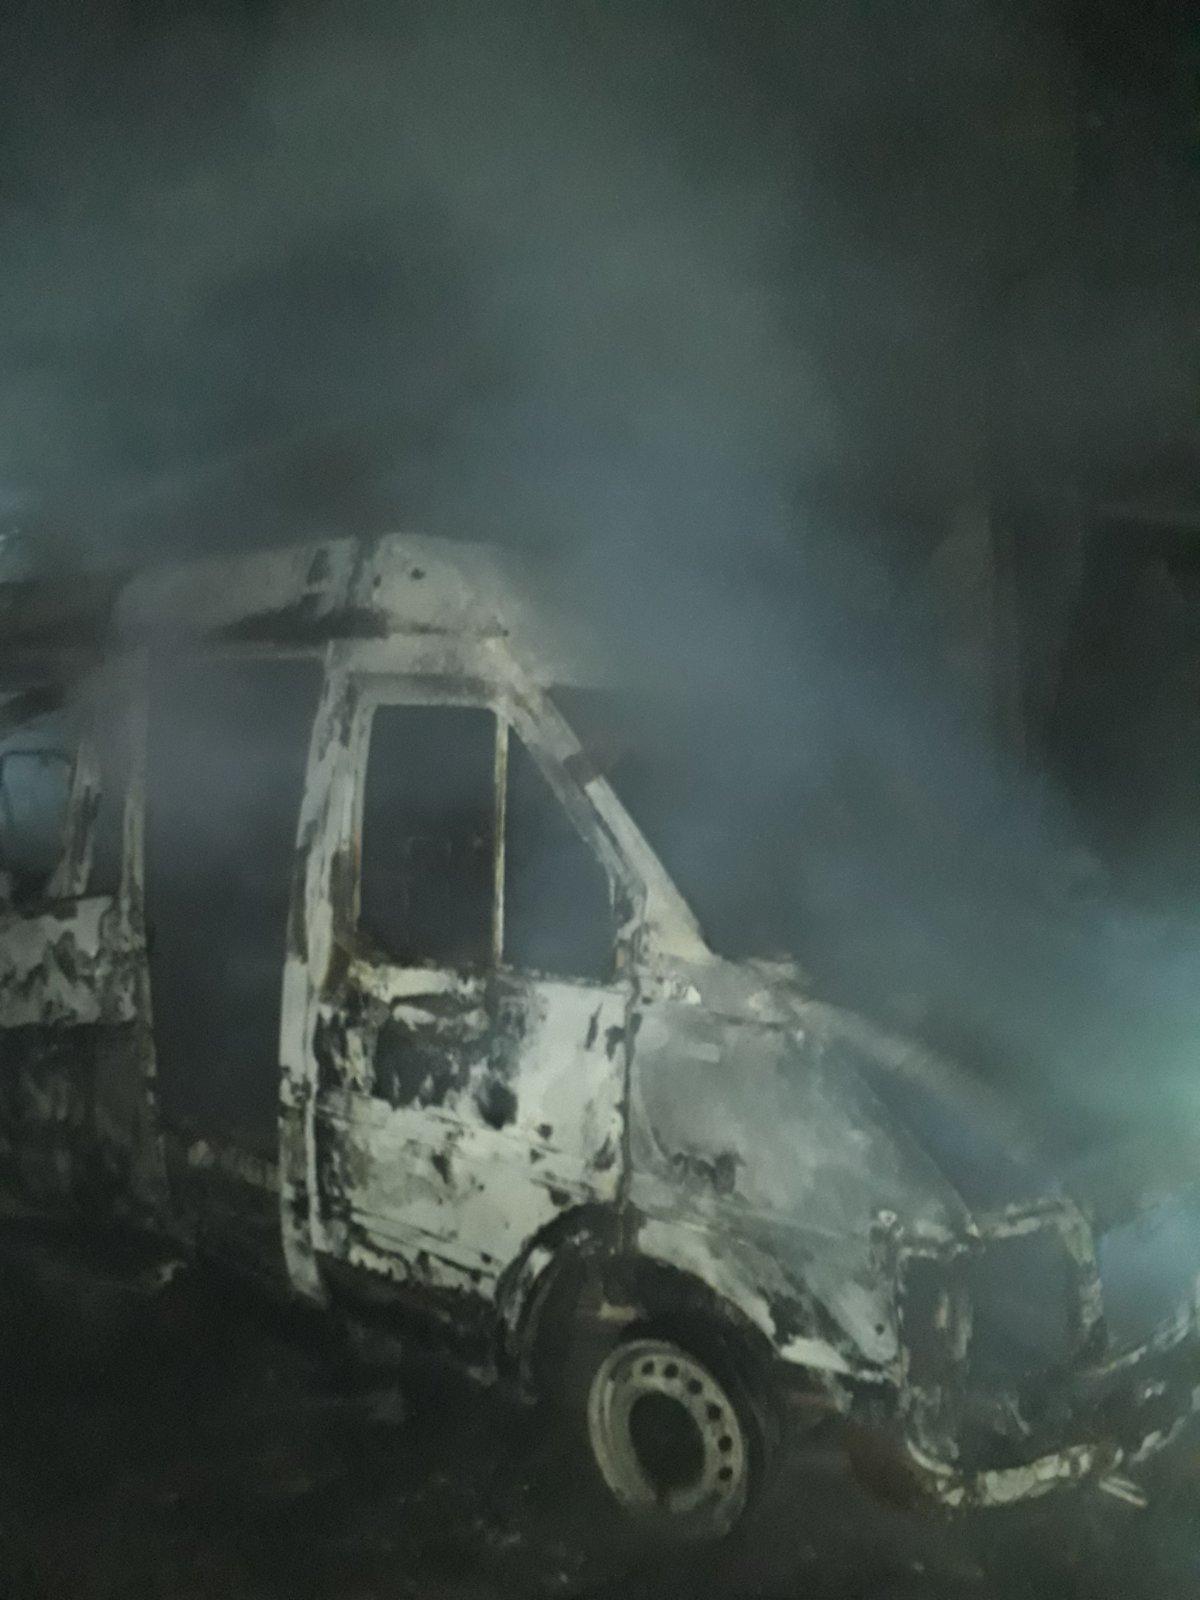 Під Києвом у Горенці горів мікроавтобус - Пожежа авто, київщина, ірпінські рятувальники, Гостомельська ОТГ, Горенка - Gor avto